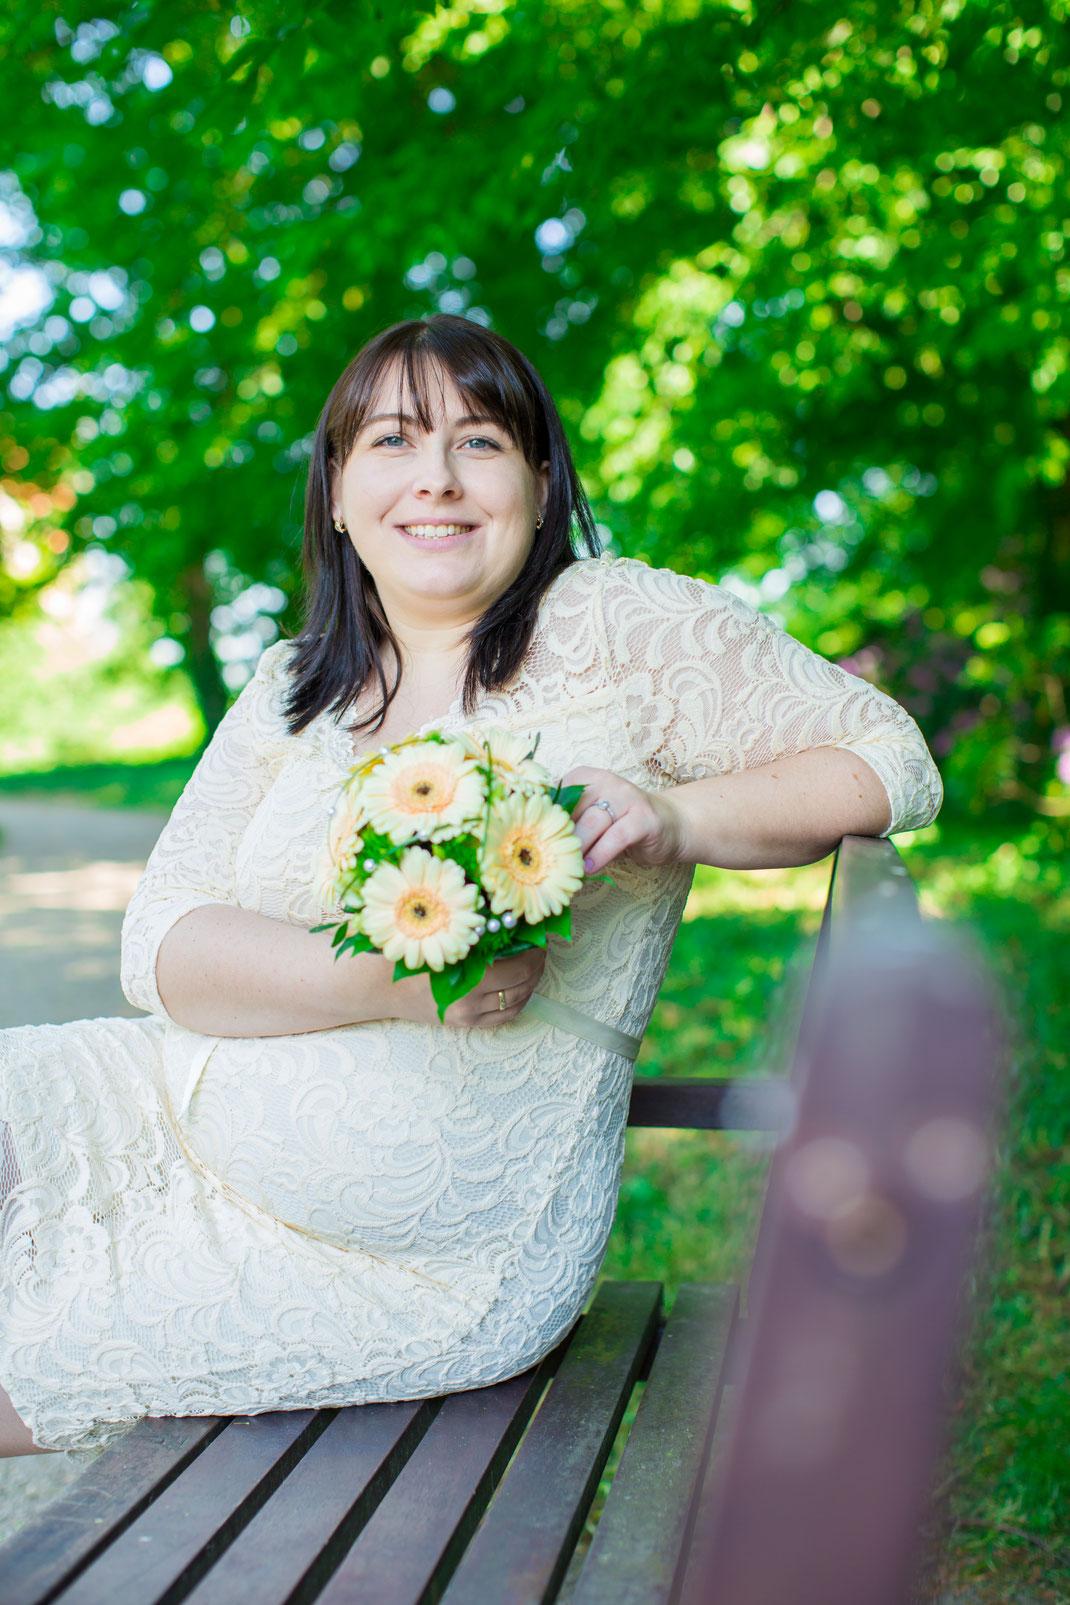 Die Braut ist vor dem Hochzeitsfotografen ziemlich locker und passiert auf der Bank